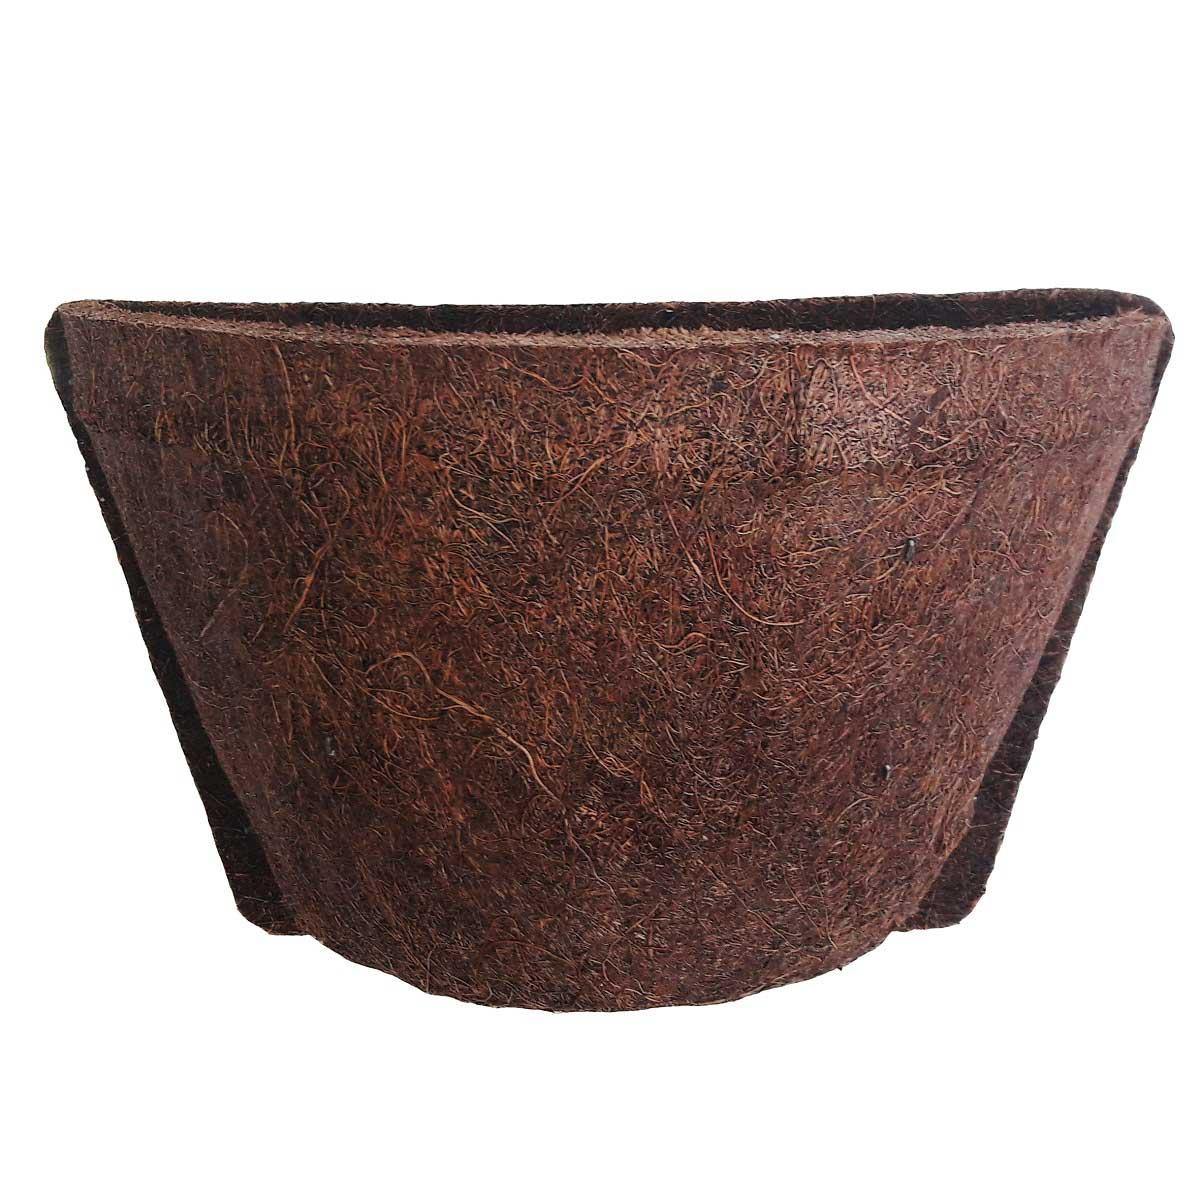 Meio Vaso 14 Com Placa Pequena de Fibra de Coco - COQUIM